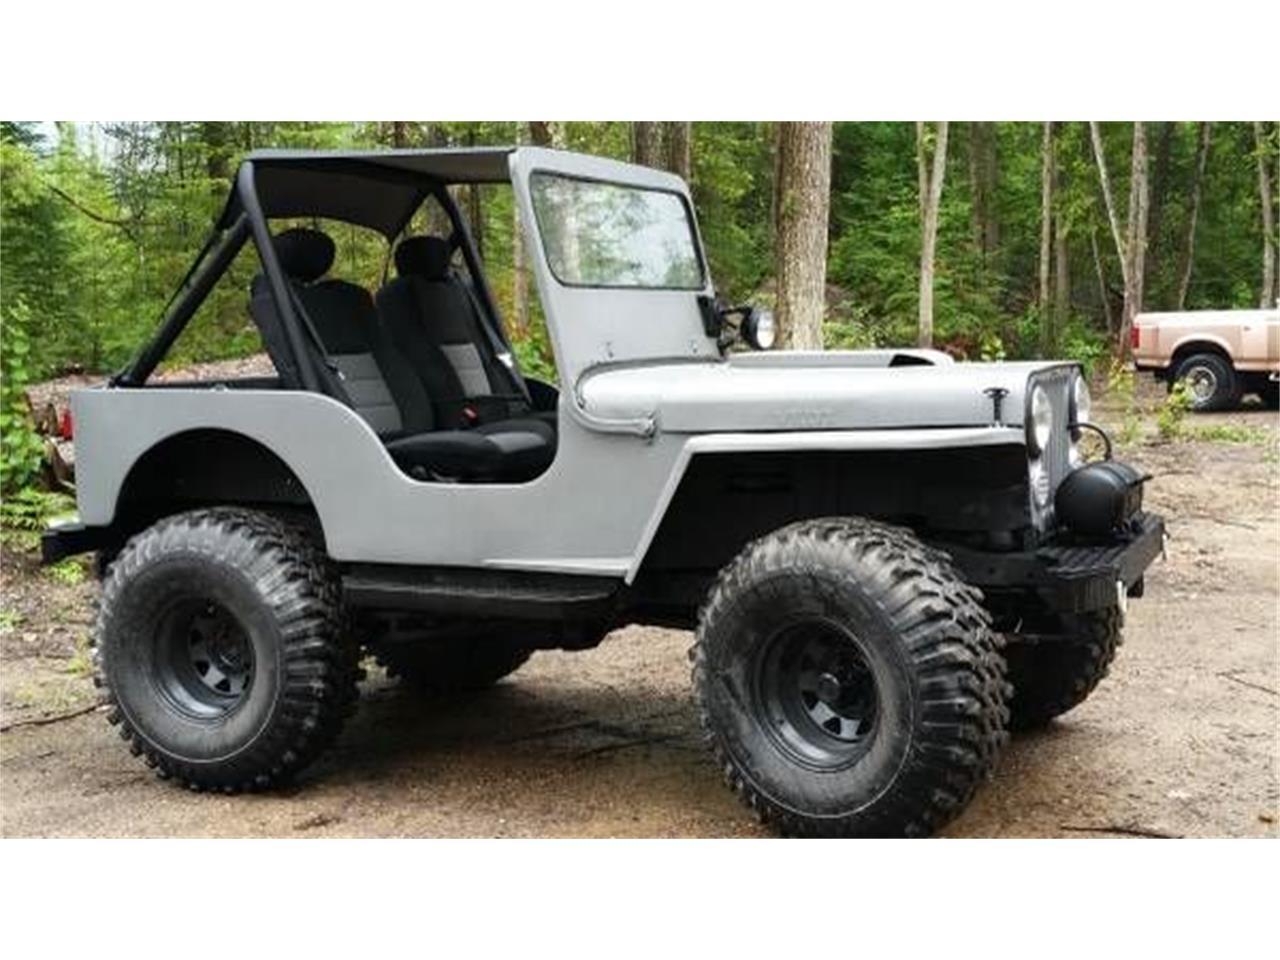 Jeep Willys For Sale >> 1948 Jeep Willys For Sale Classiccars Com Cc 1120921